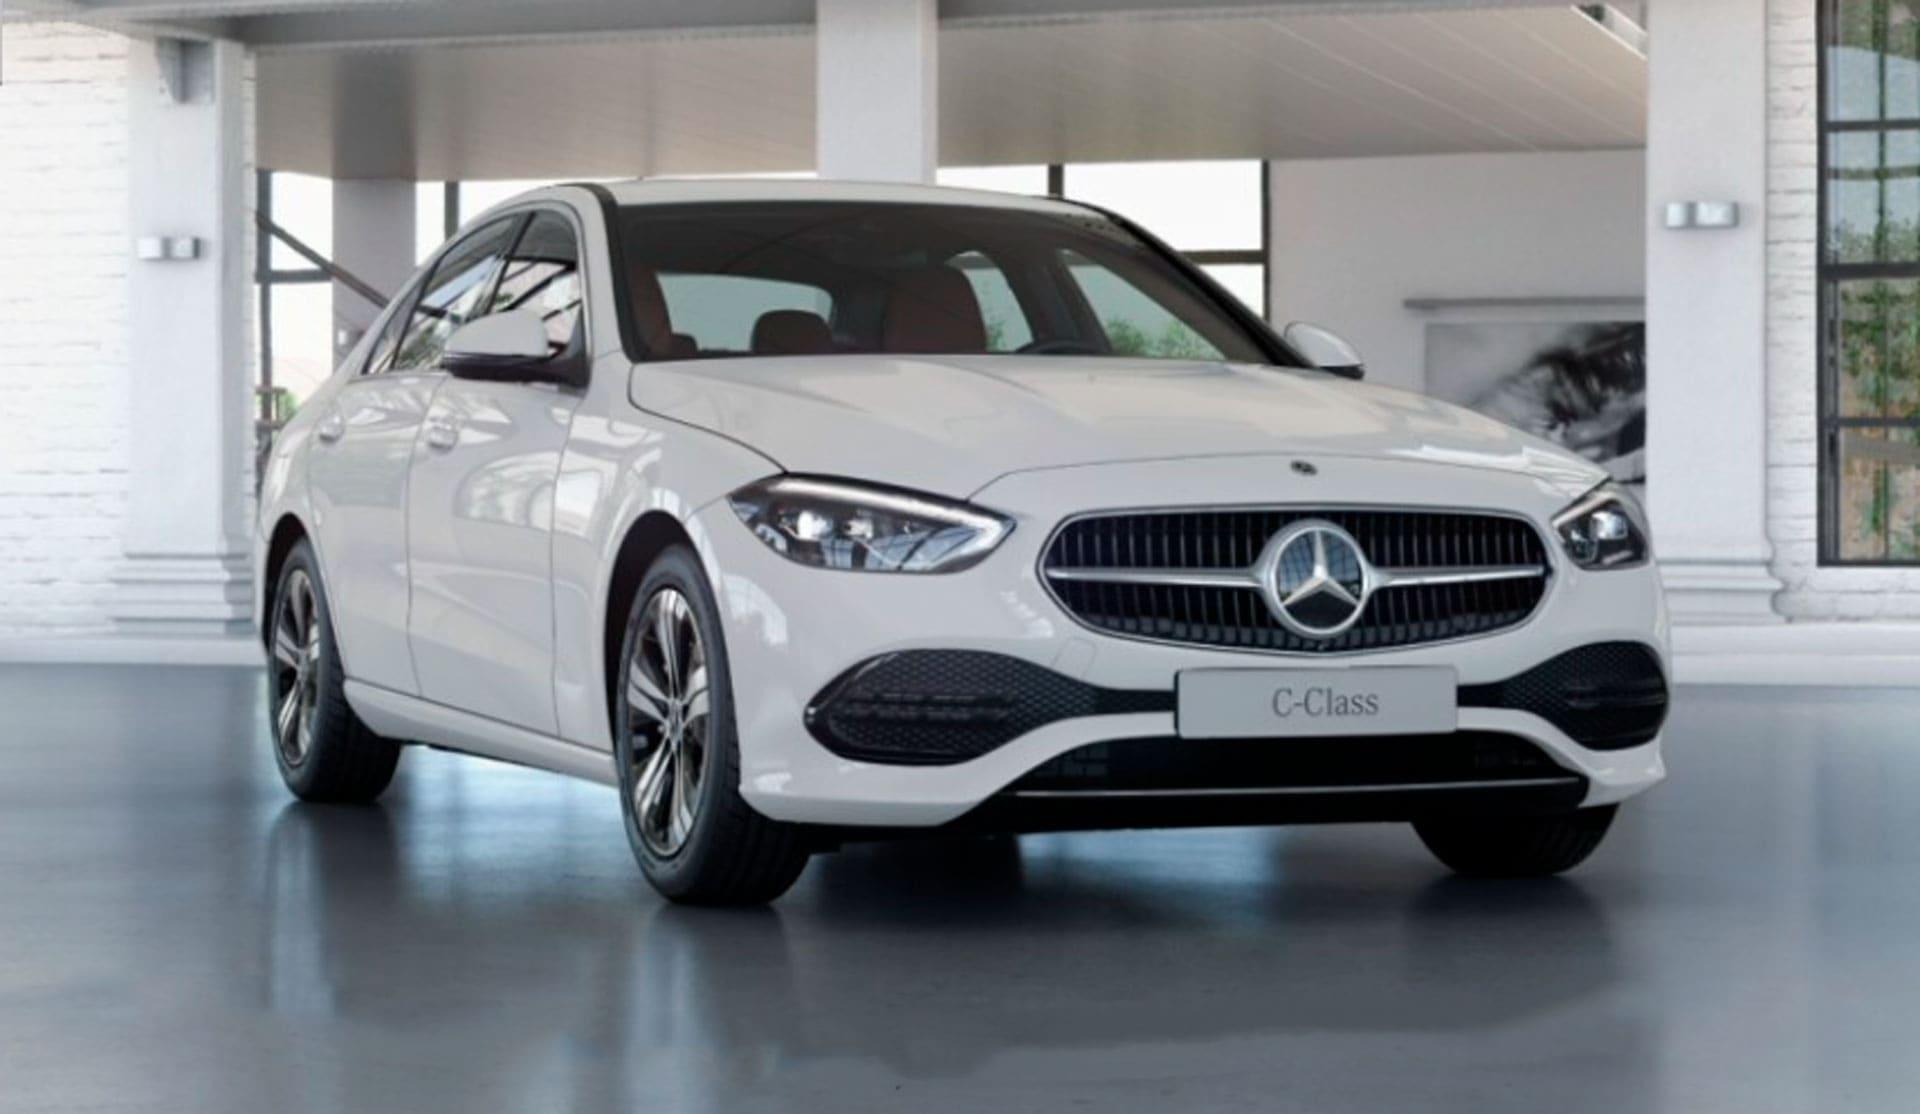 Mercedes-Benz C-Class 0152600002